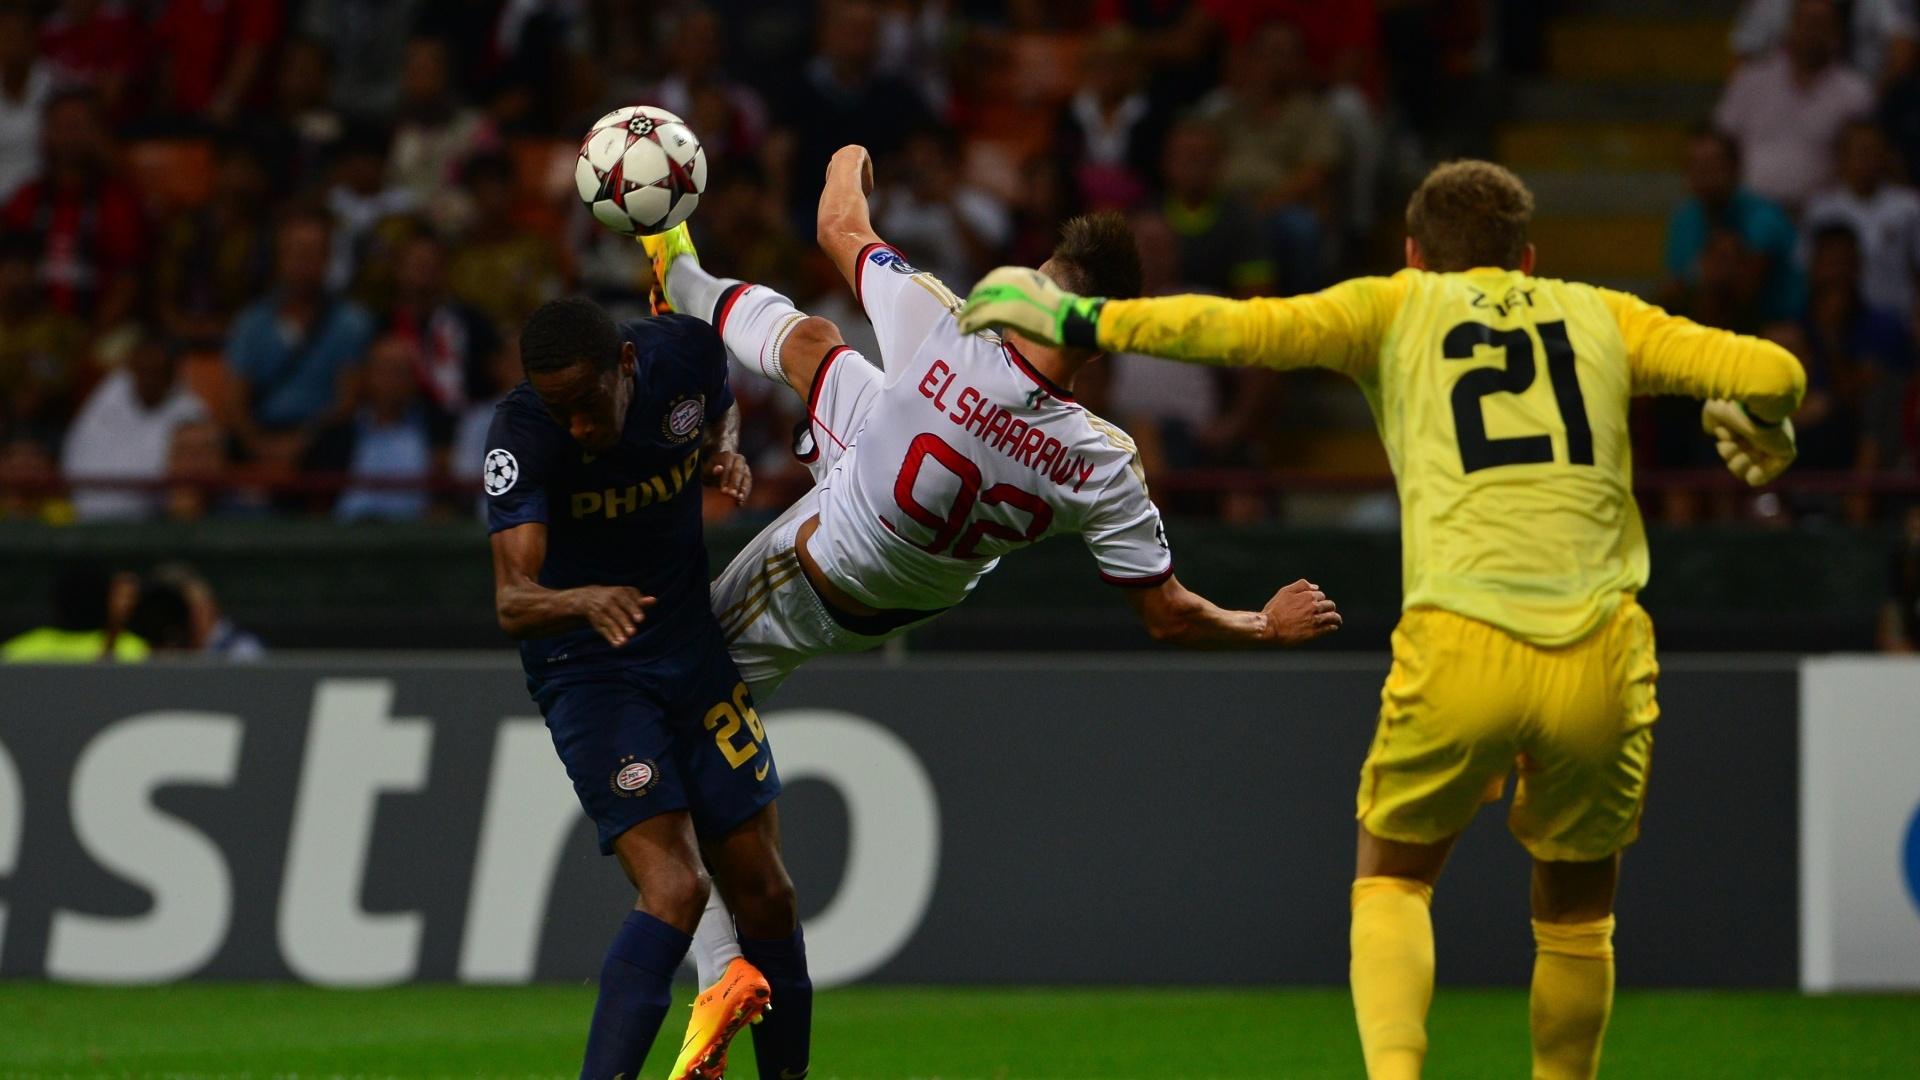 28.ago.2013 - Atacante El Shaarawy, do Milan, tenta uma bicicleta durante a partida contra o PSV pela Liga dos Campeões